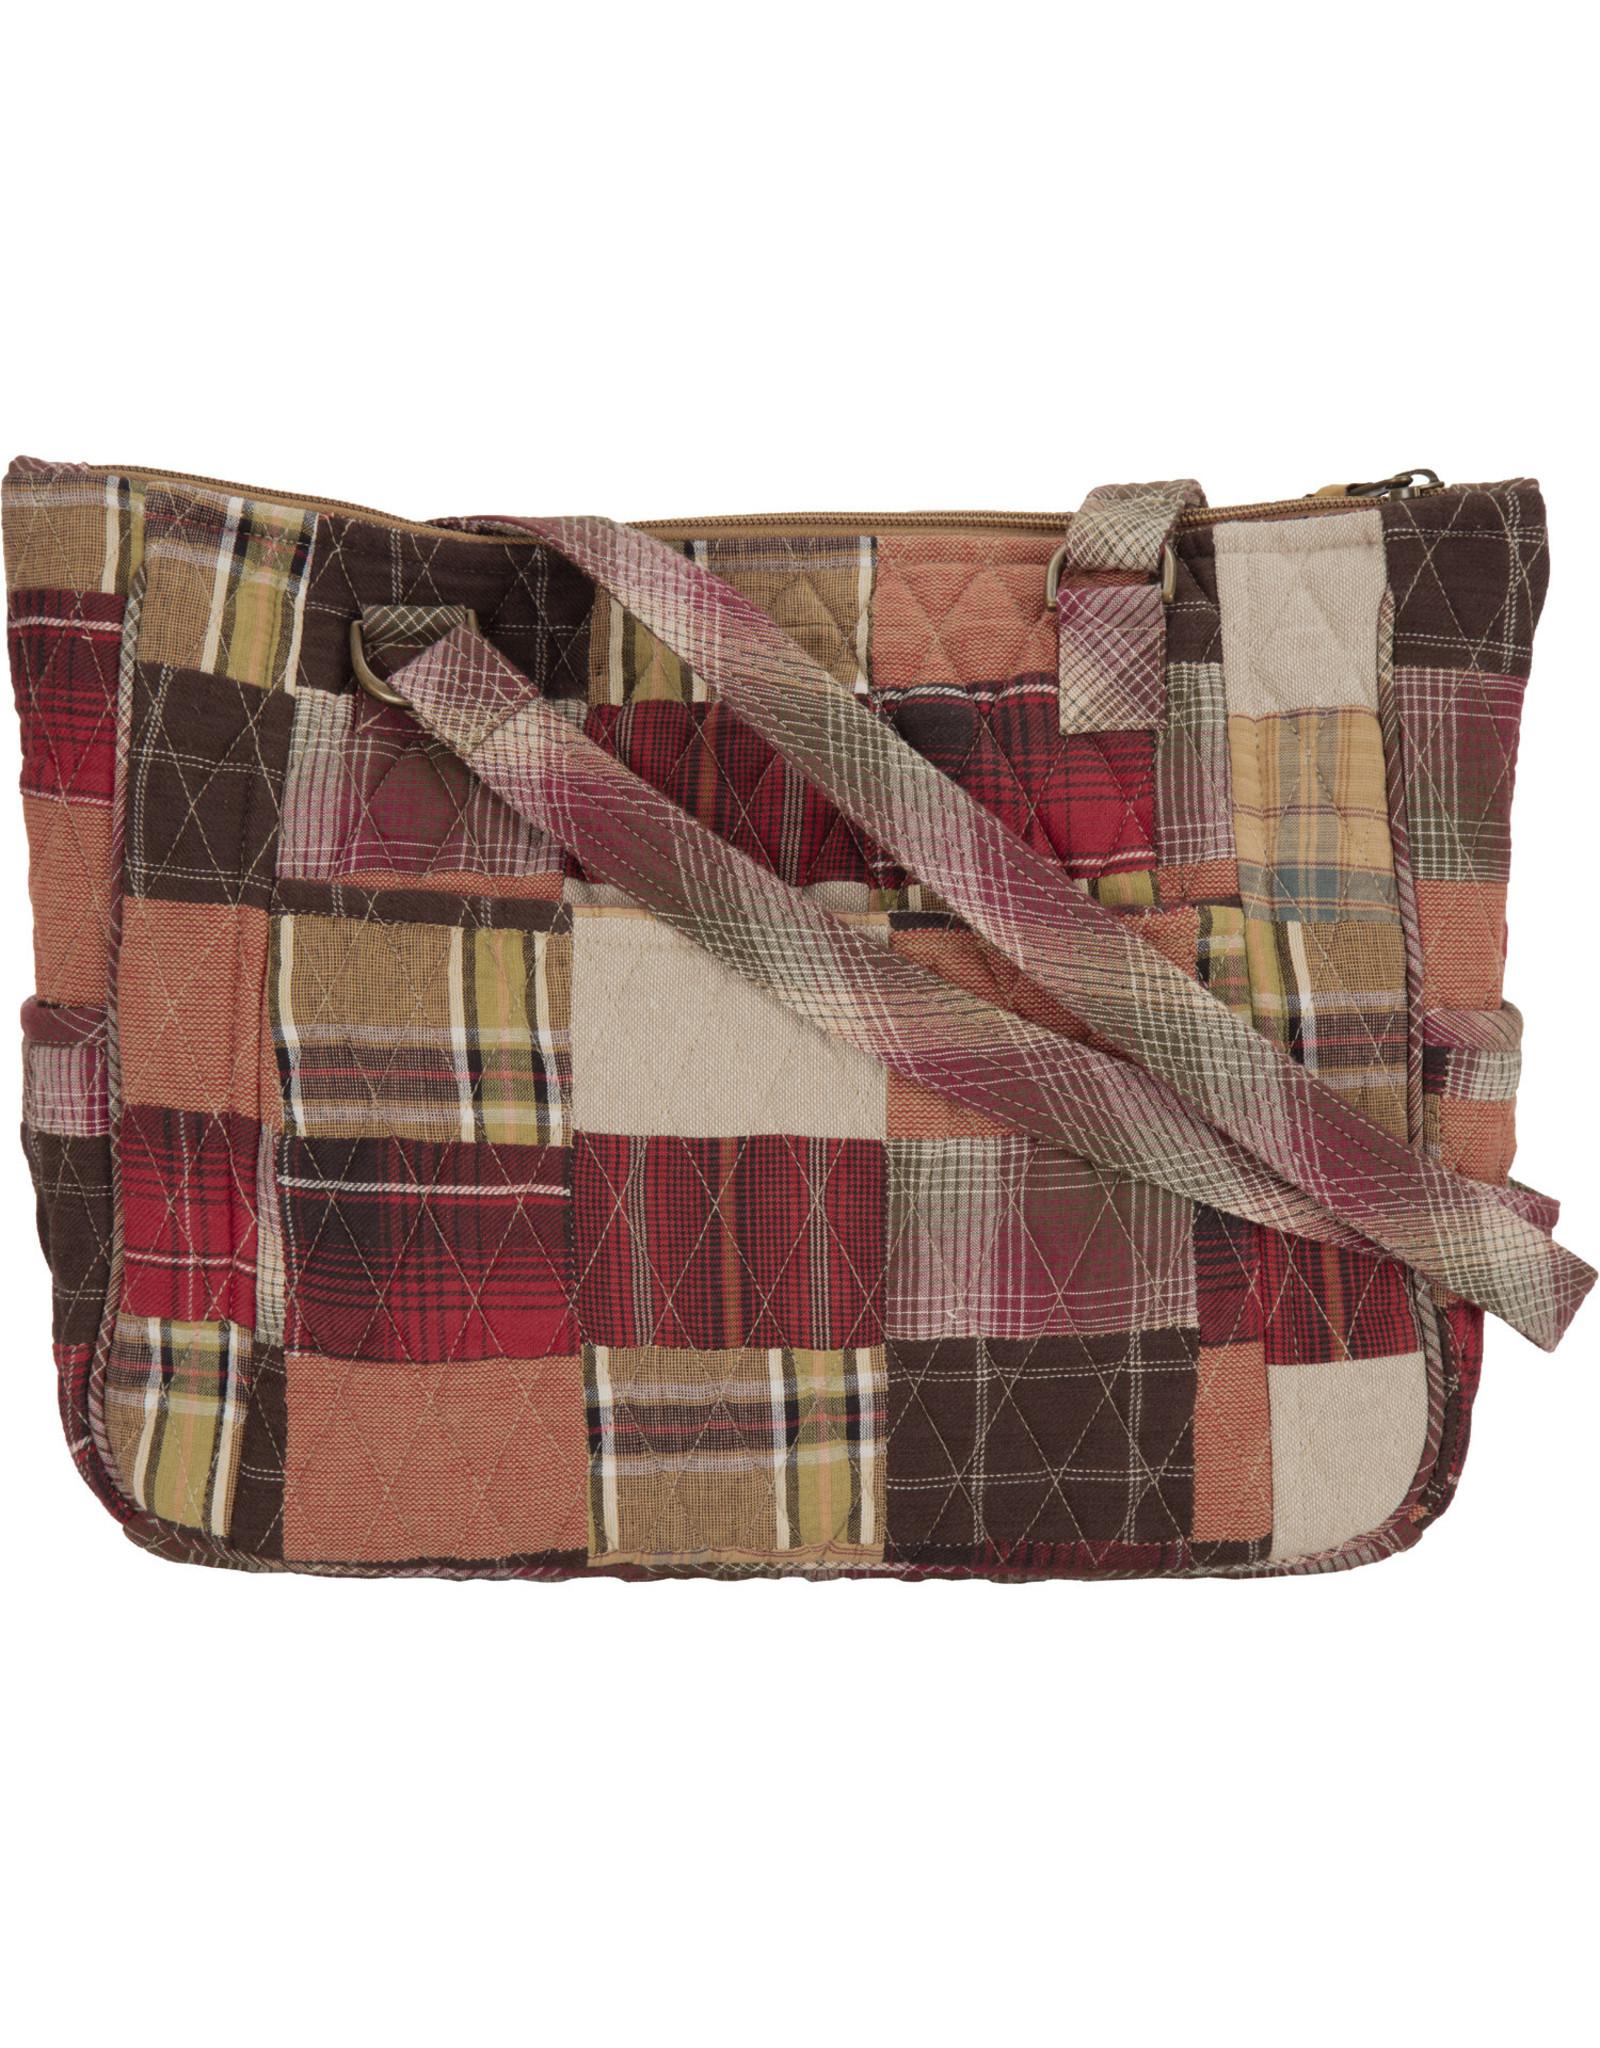 Bella Taylor Wyatt - Everyday handbag